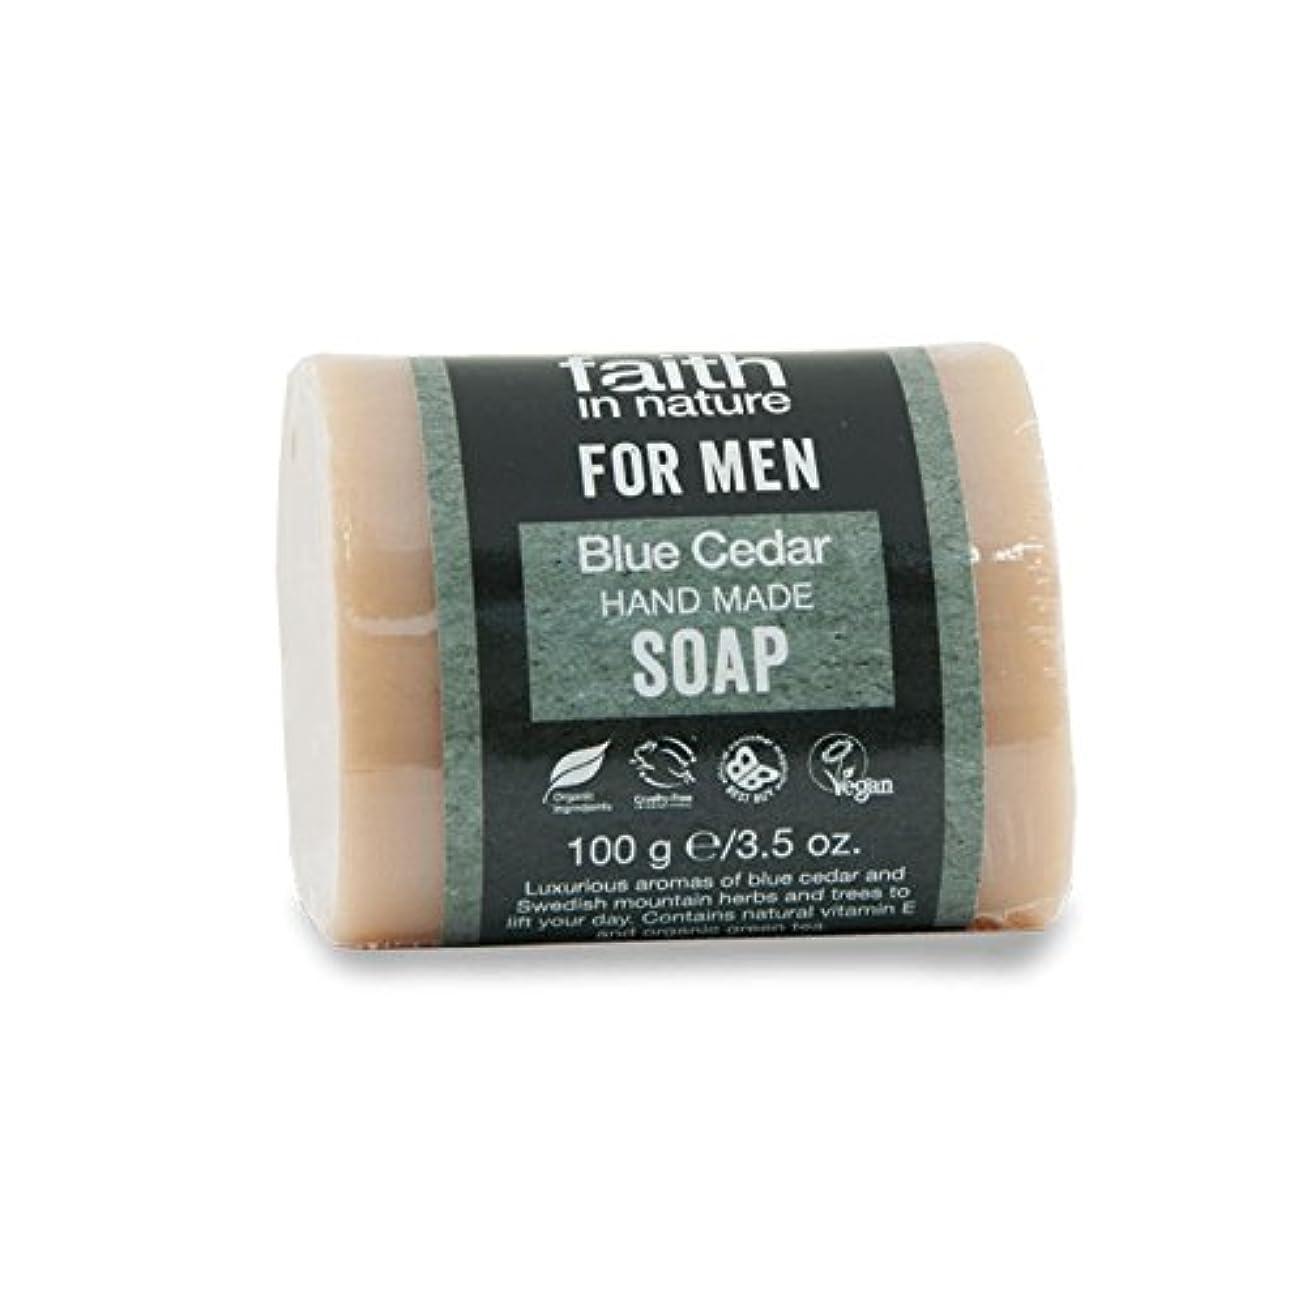 降伏ショッキング驚くばかりFaith in Nature for Men Blue Cedar Soap 100g (Pack of 2) - 男性青杉の石鹸100グラムのための自然の中で信仰 (x2) [並行輸入品]